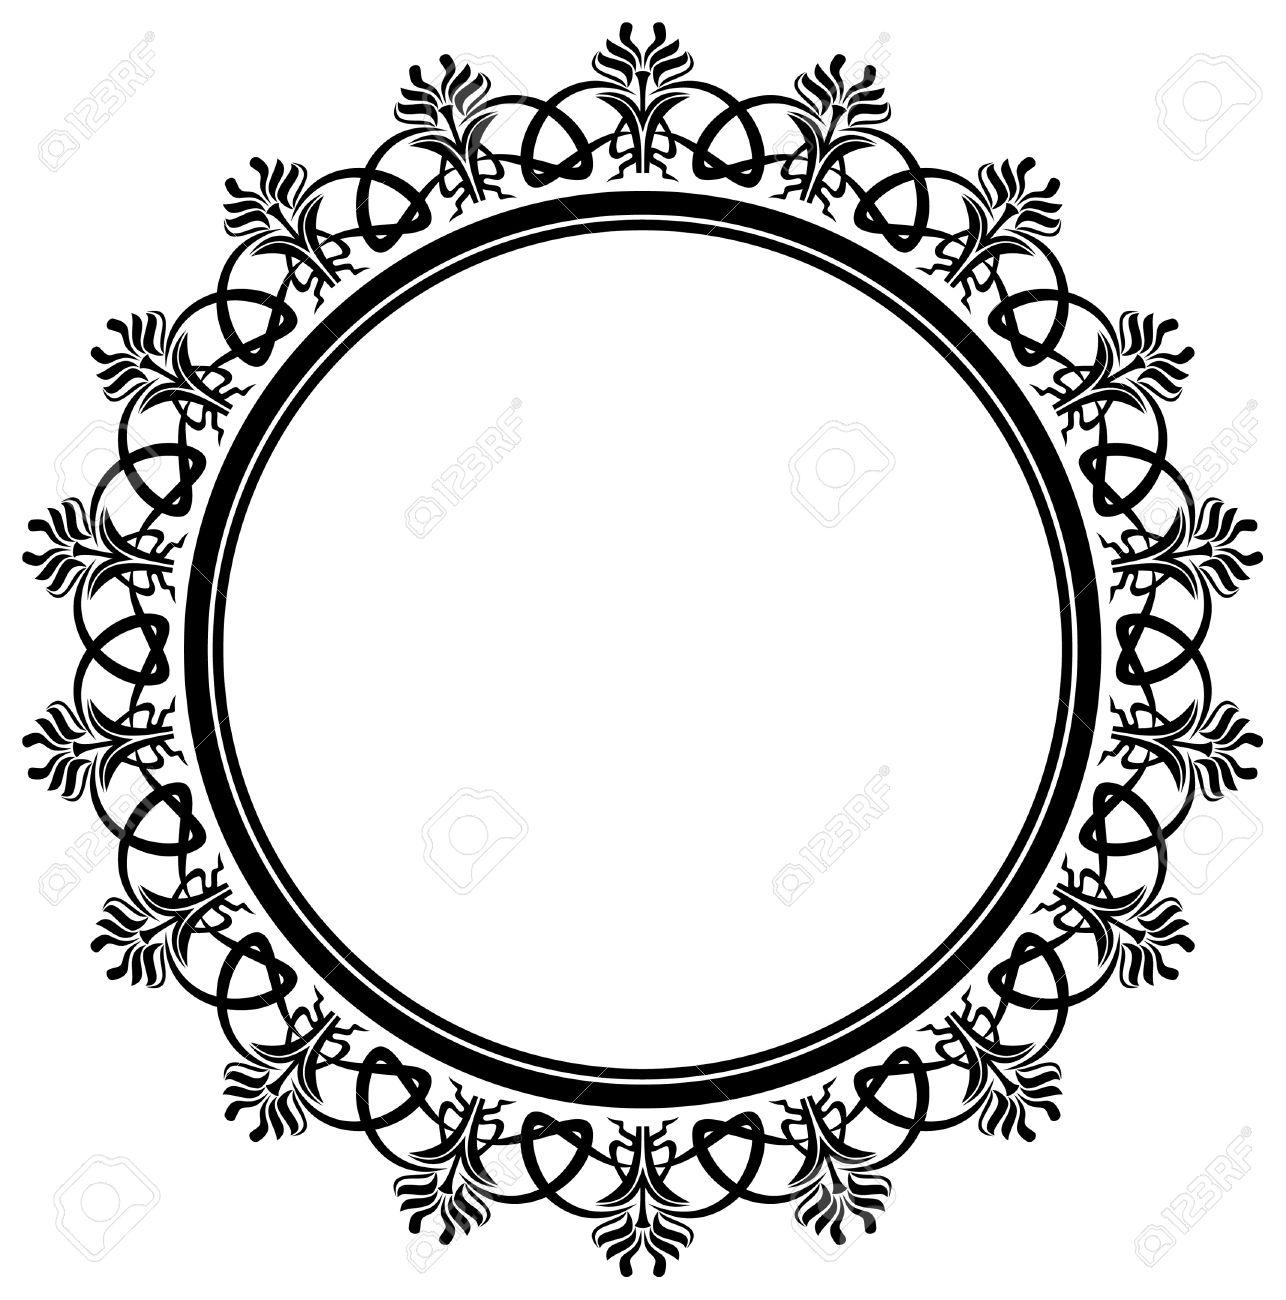 elegant frame stock vector 22139447 - Elegant Frames